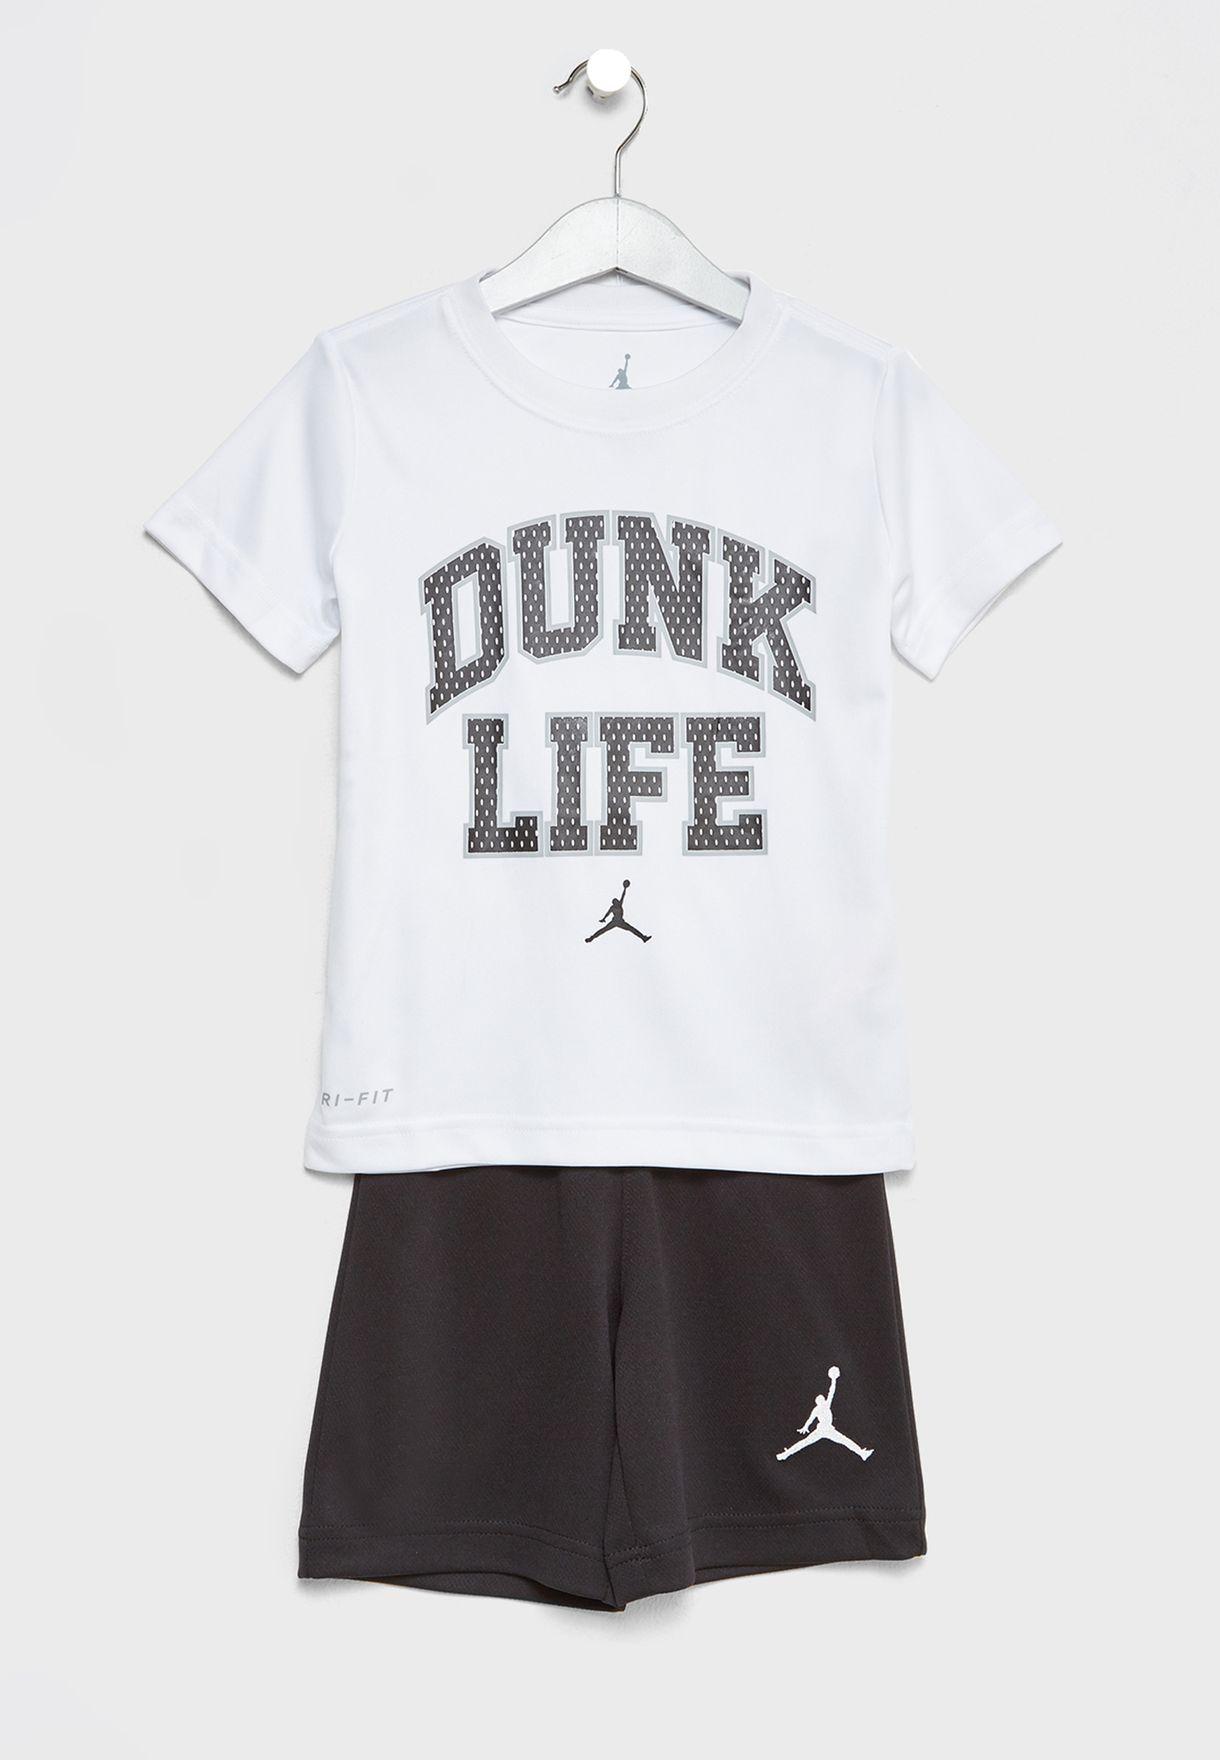 ab888dca08ed93 Shop Nike multicolor Kids Dunk Life T-Shirt+Shorts Set 854790-023 ...